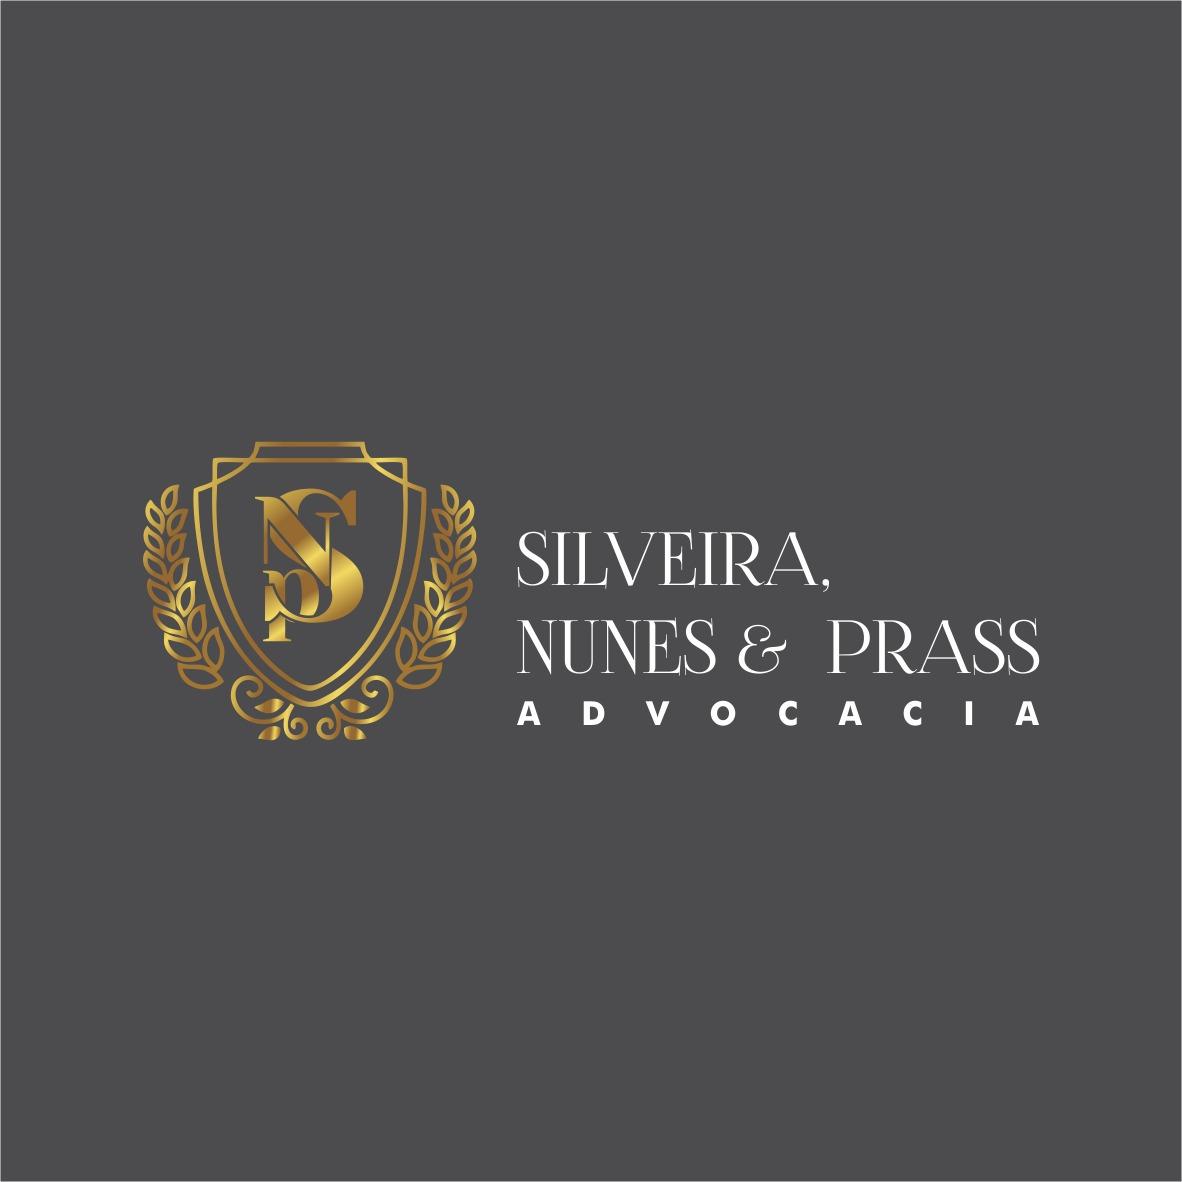 Silveira, Nunes & Prass Advocacia